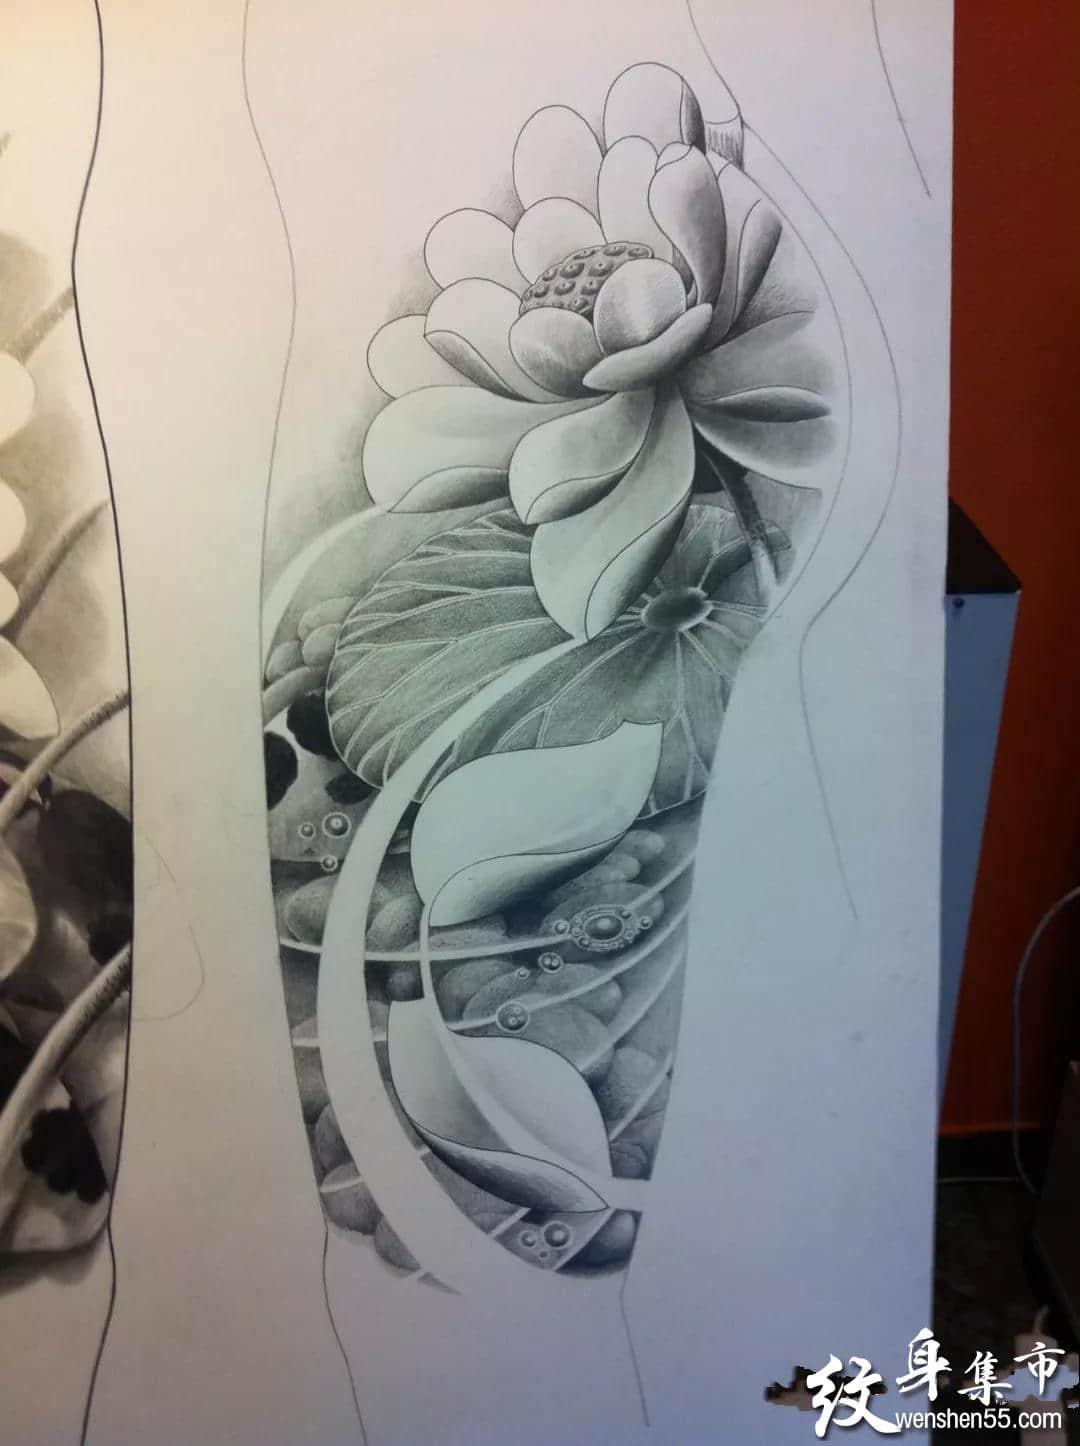 传统花臂花腿纹身,传统花臂花腿纹身手稿,传统花臂花腿纹身手稿图案